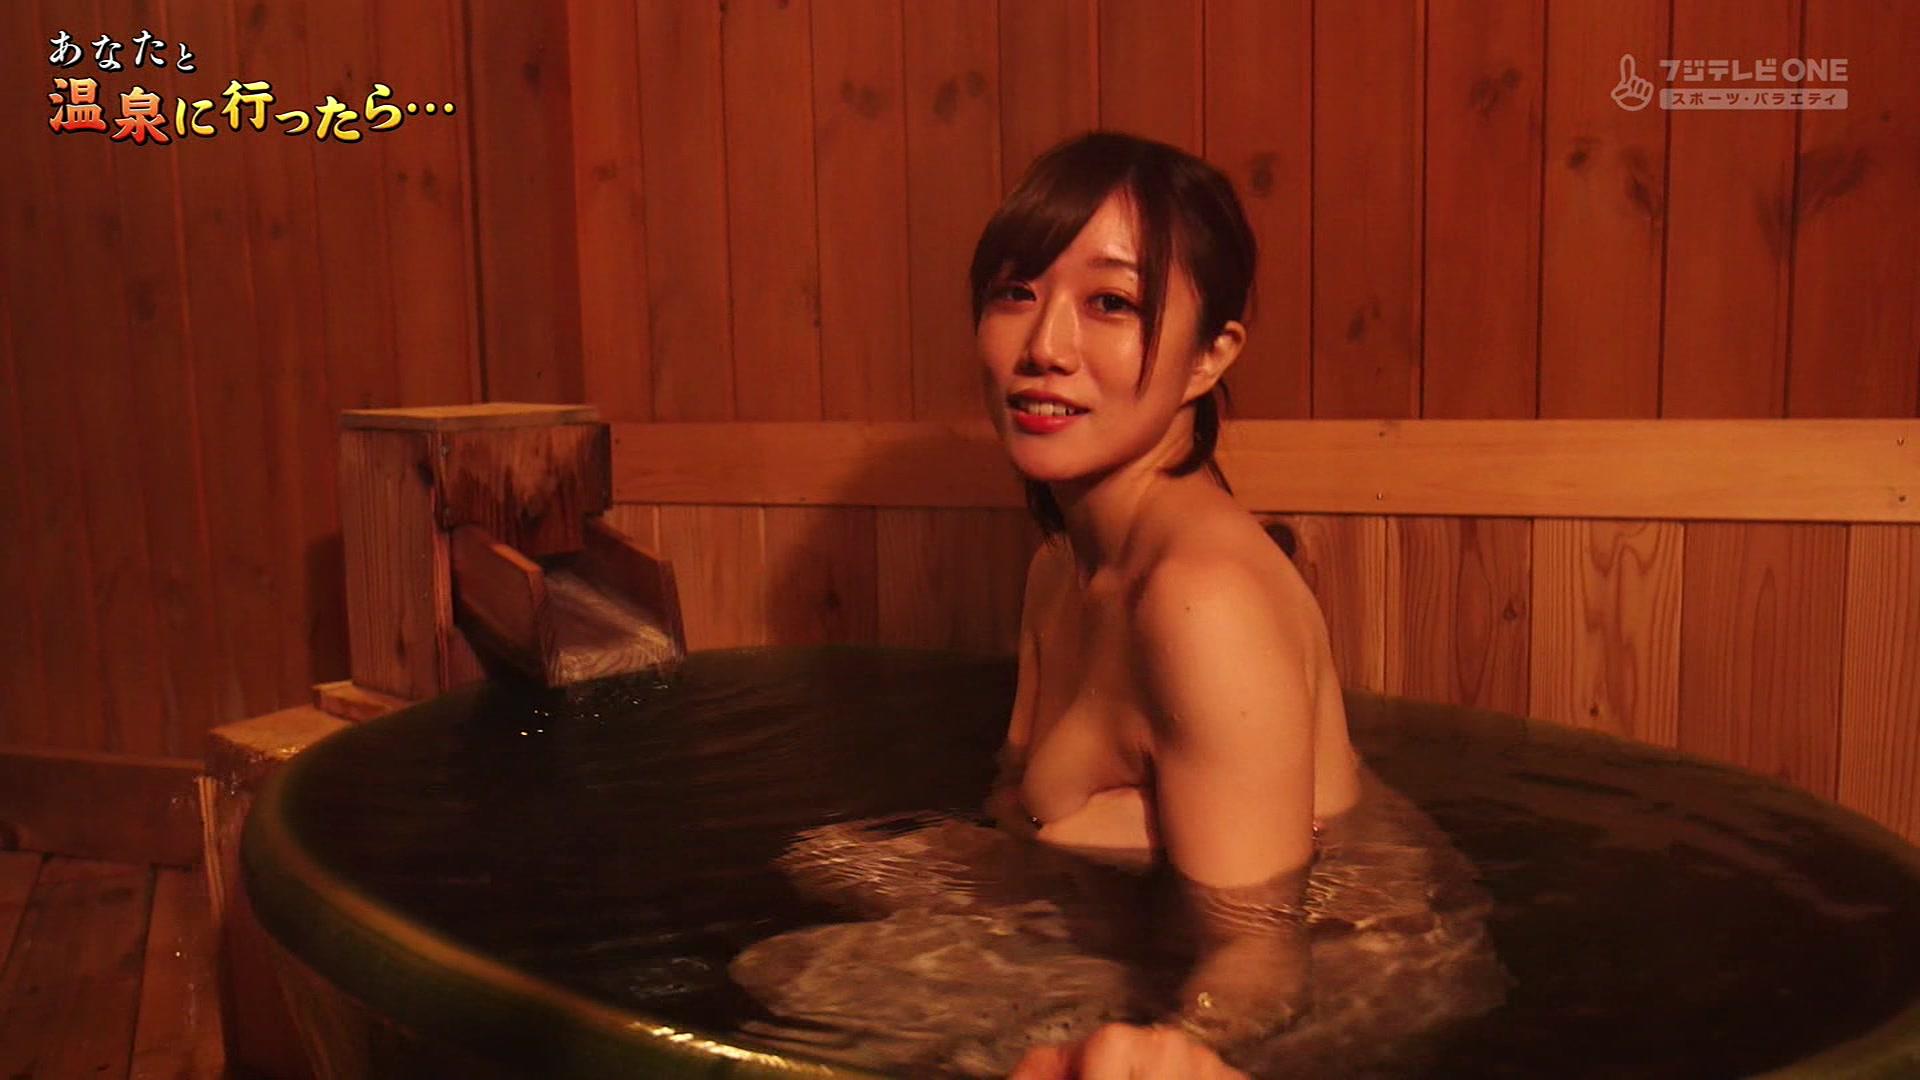 CSフジテレビONEで放送された「あなたと温泉に行ったら…」♯4のテレビキャプチャー画像-083